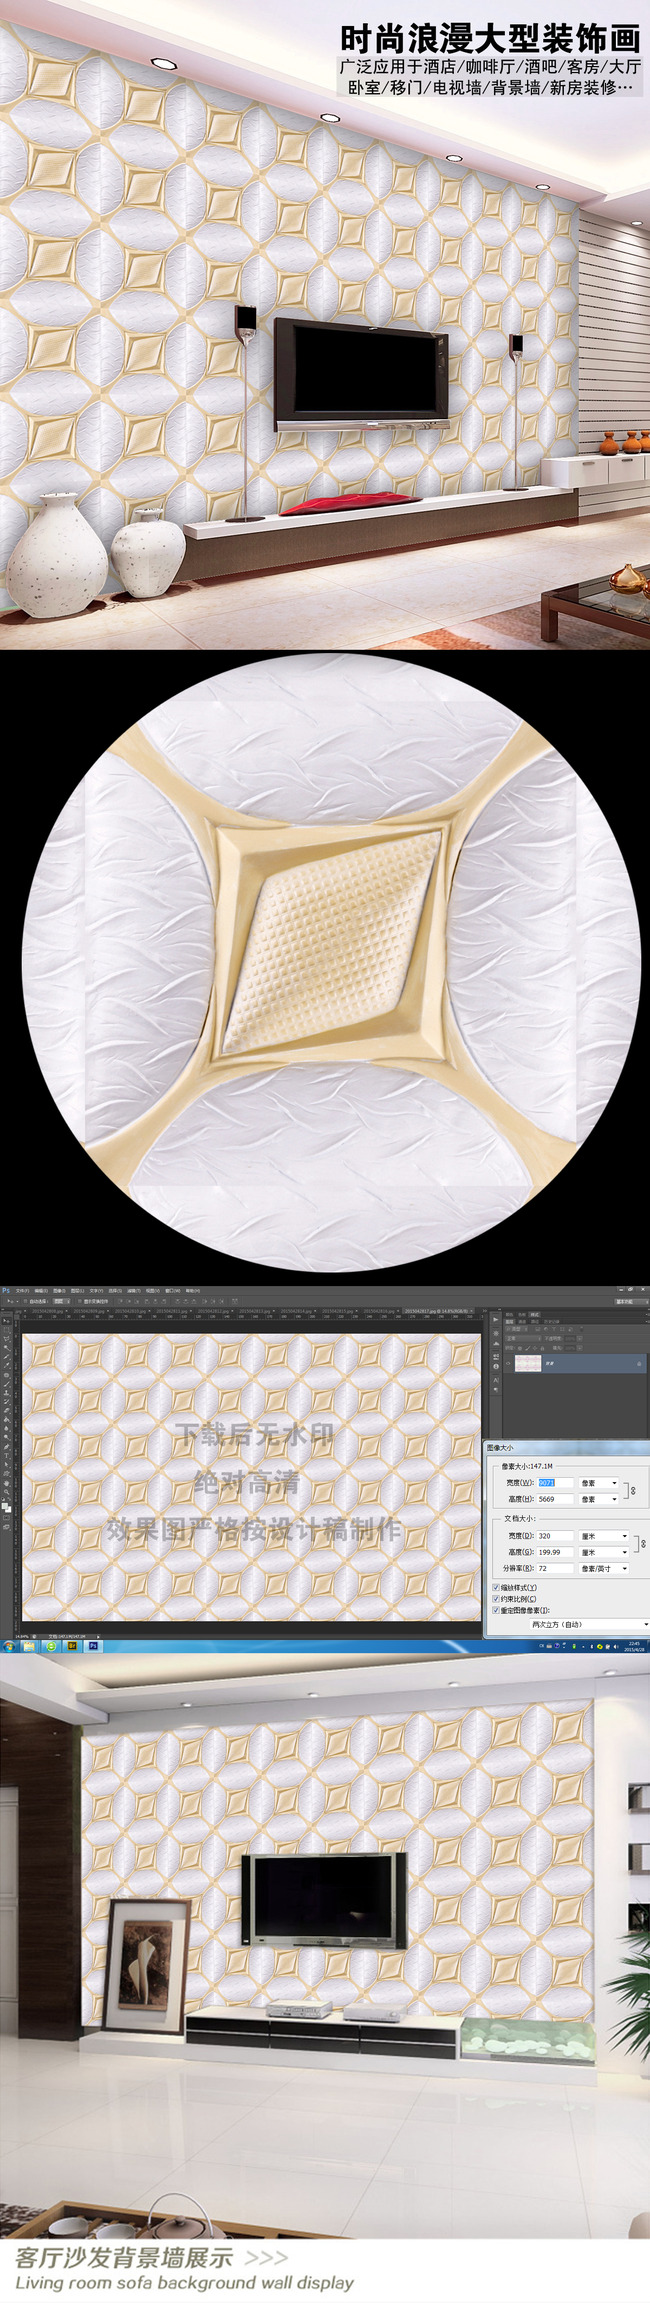 欧式3d浮雕格子软包花纹电视背景墙高清图片下载(图片